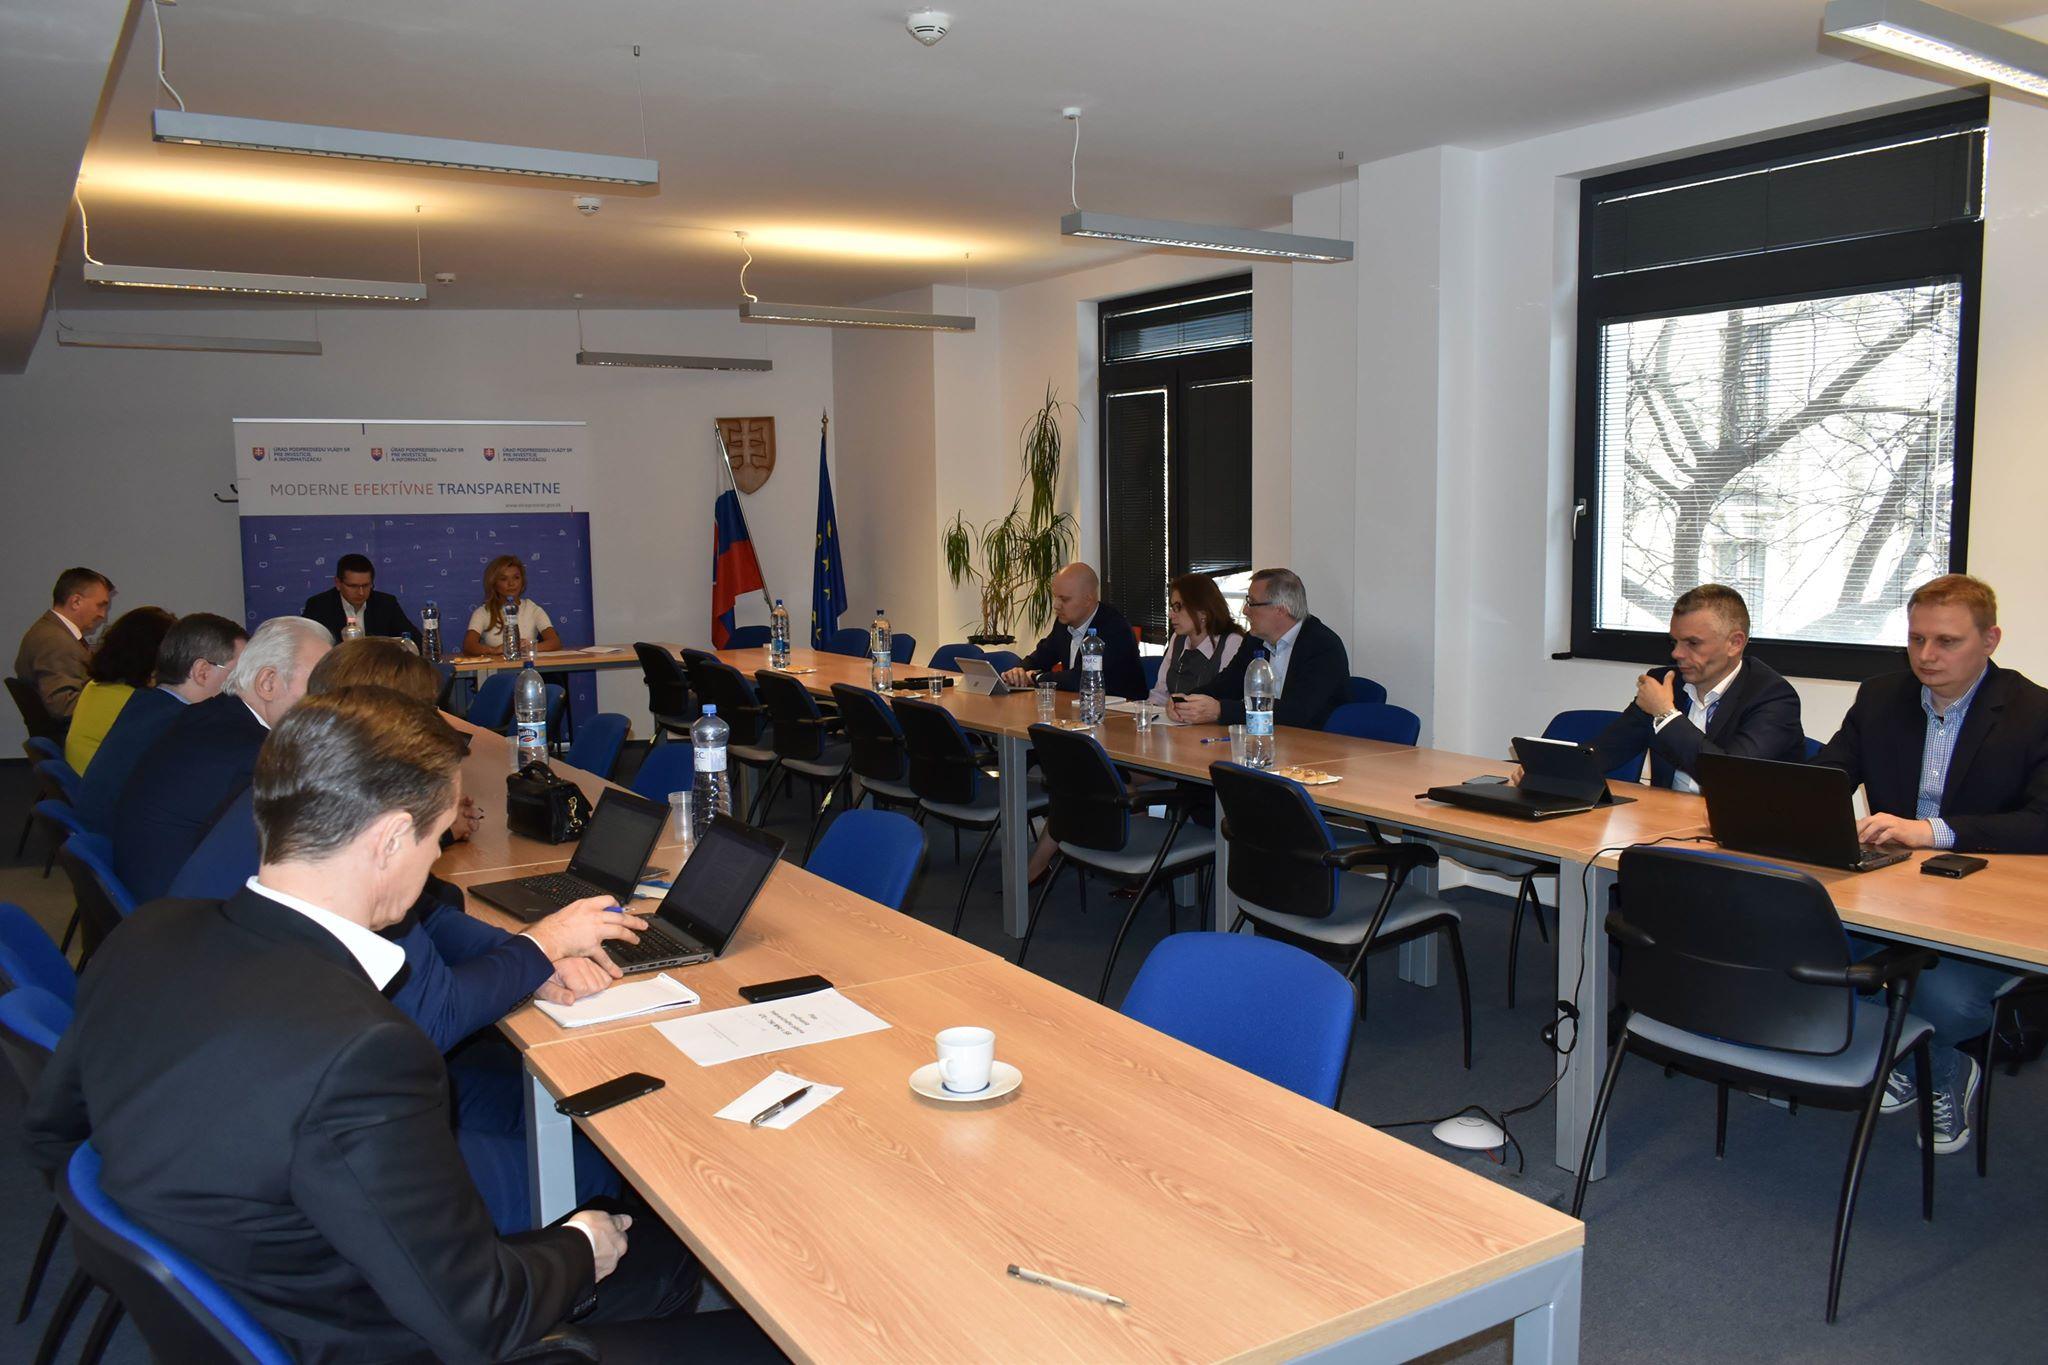 Pracovná skupina na úrade vicepremiéra bude riešiť širokopásmové pripojenie na internet